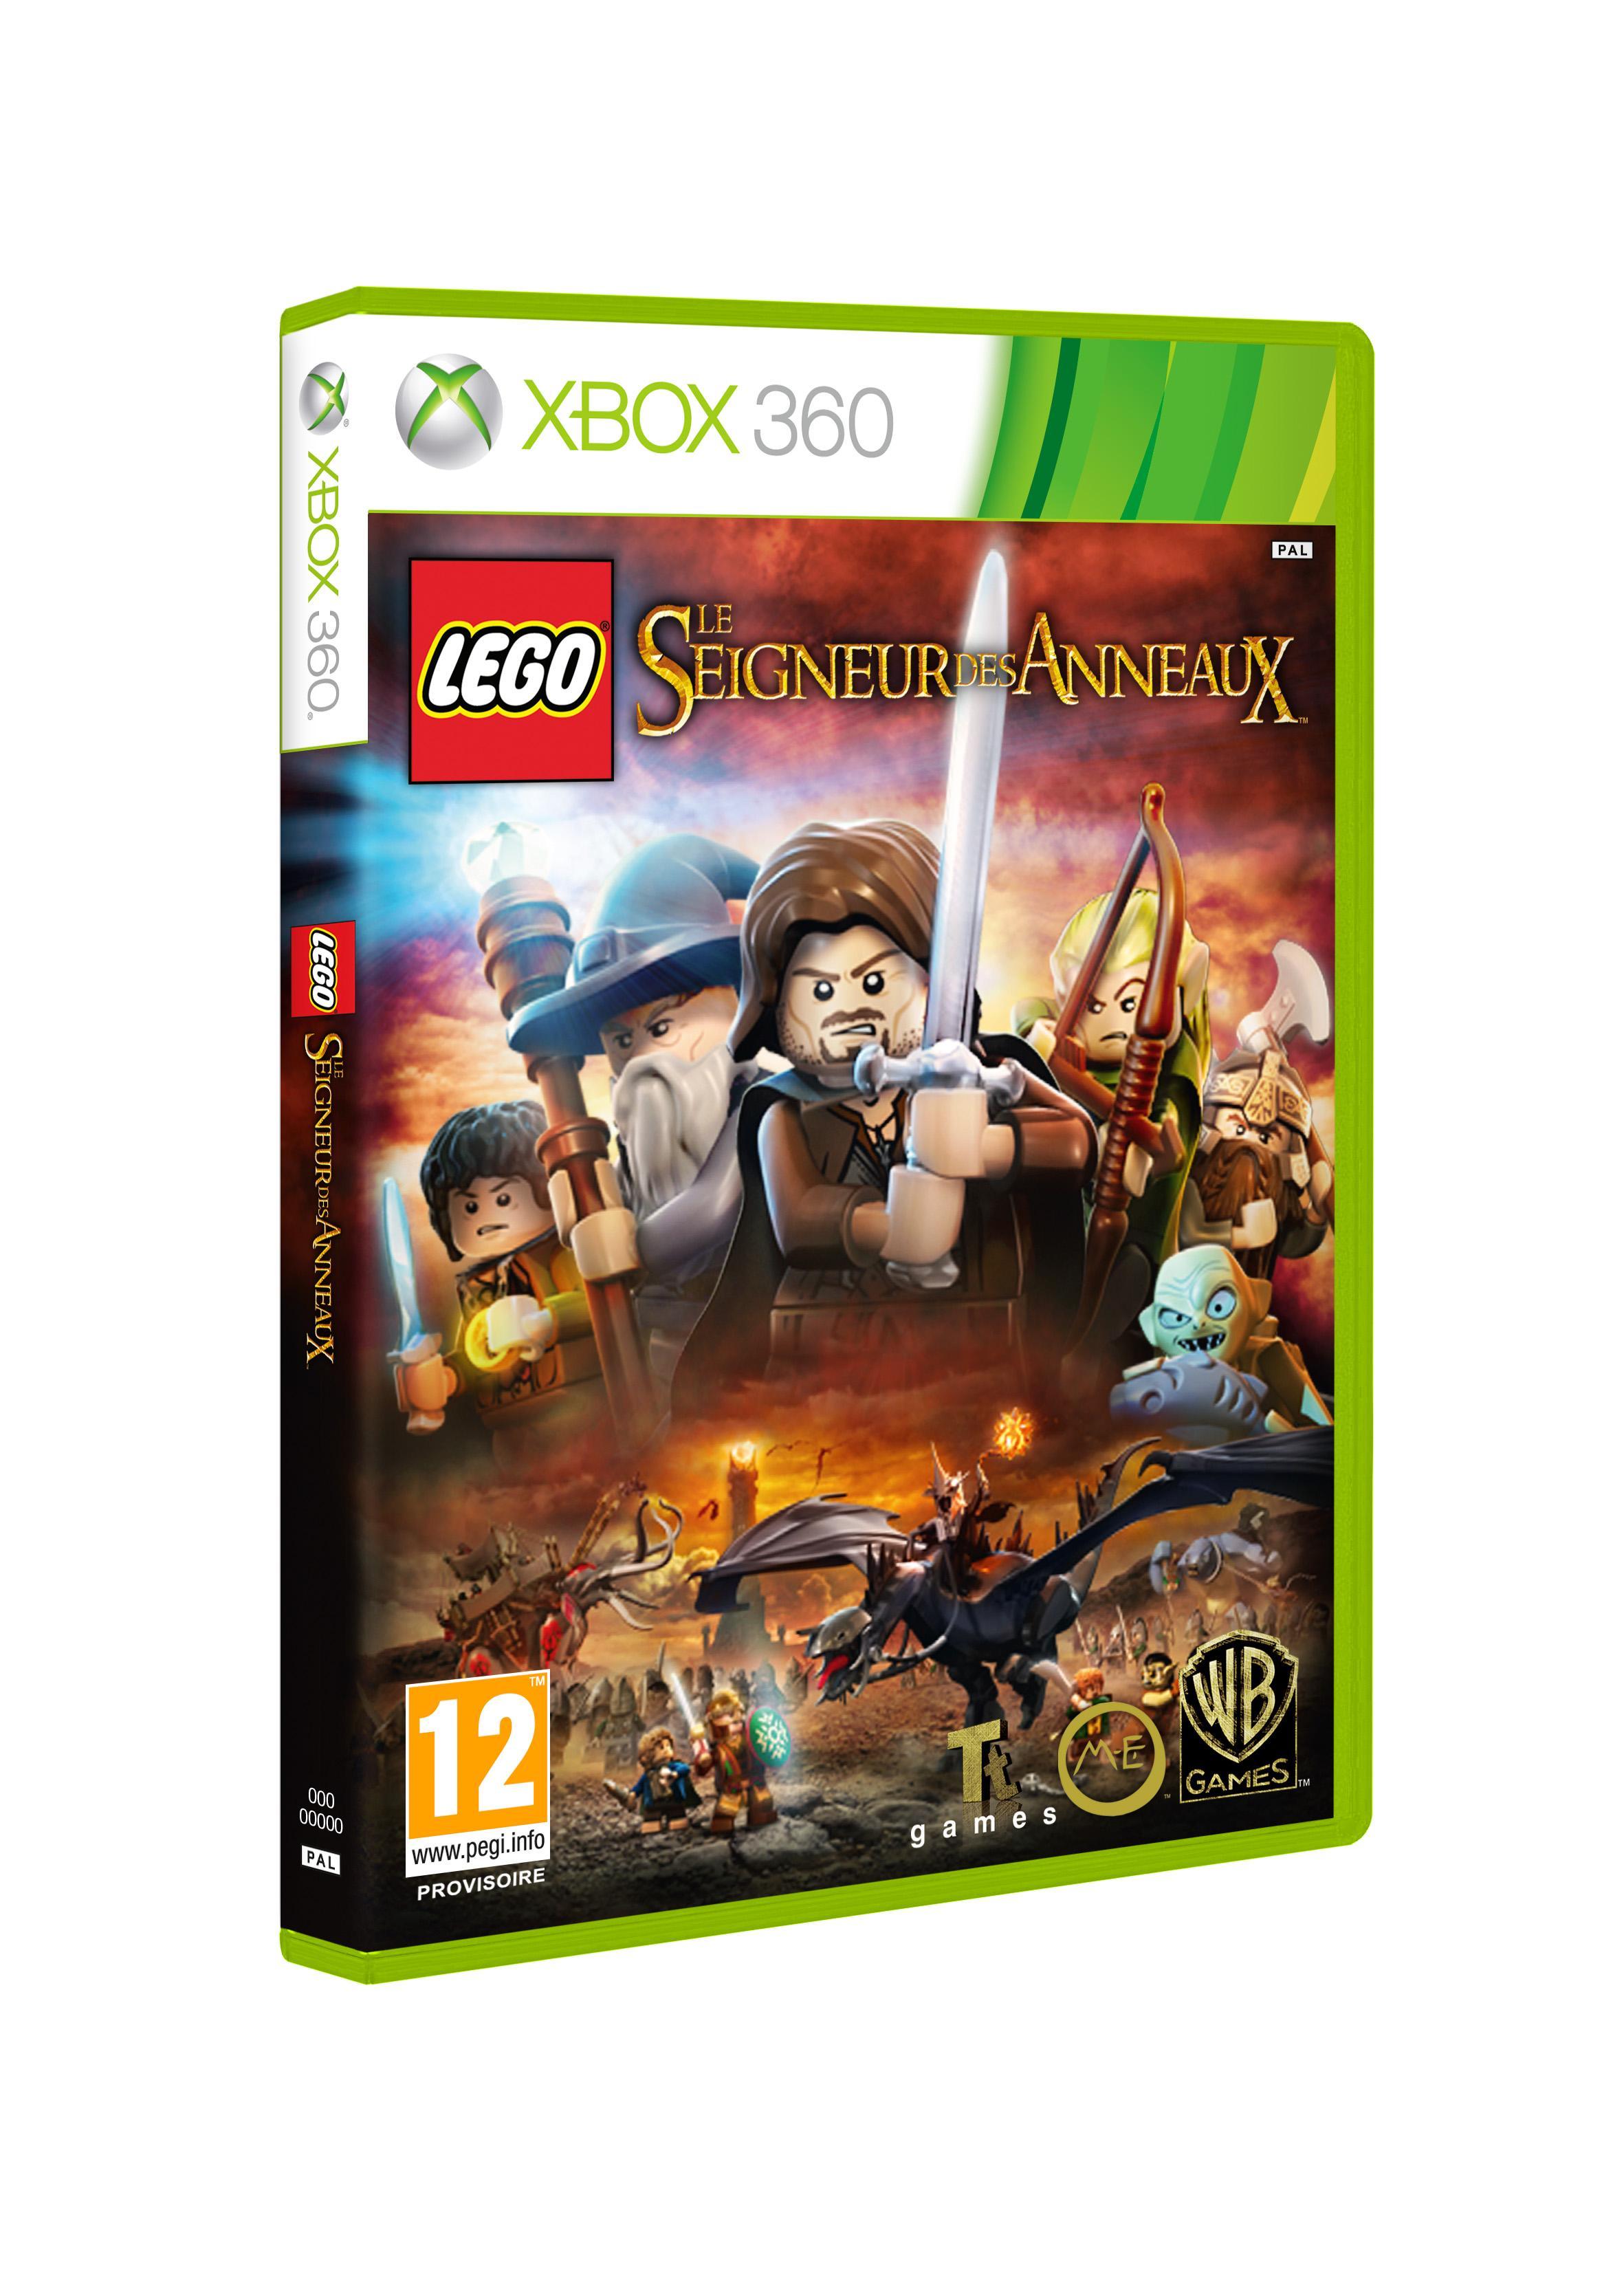 Retour à La pochette du jeu Lego Seigneur des anneaux